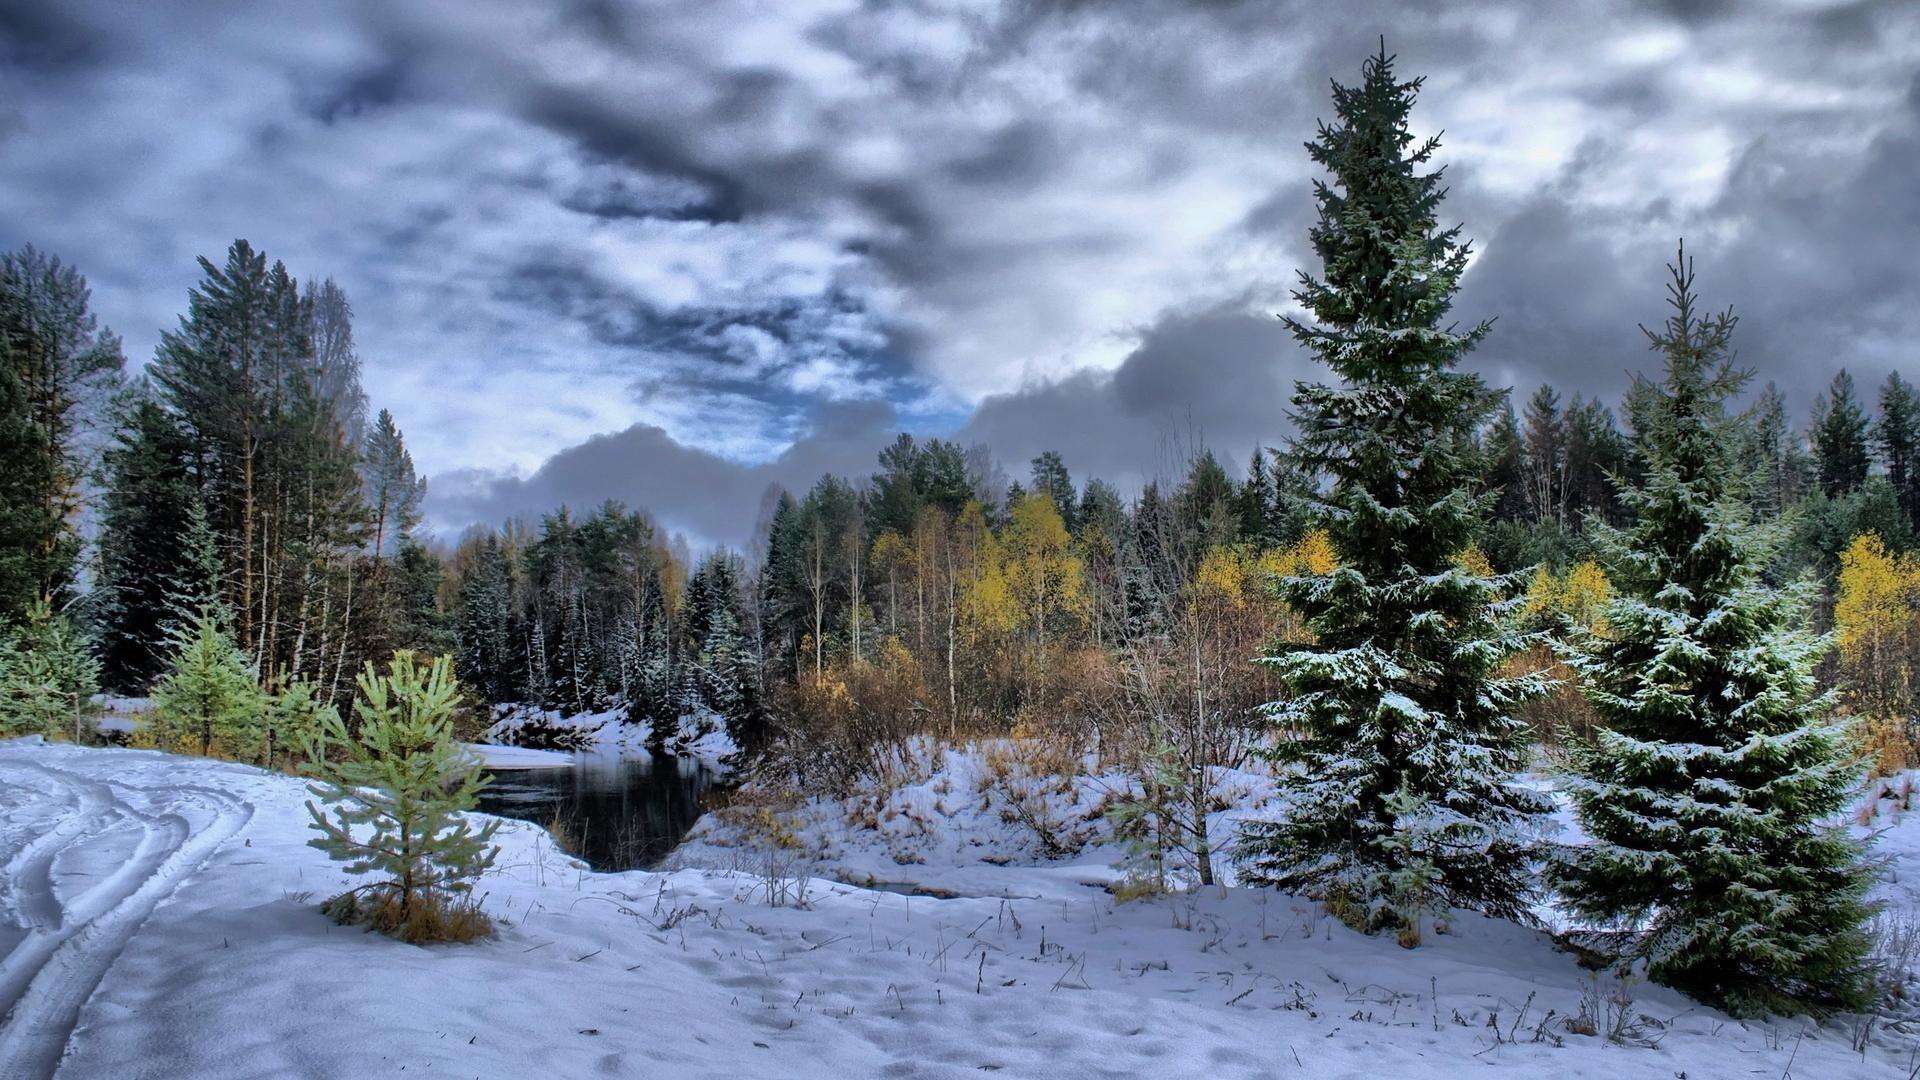 Wallpaper Winter Scenes (58+ images)